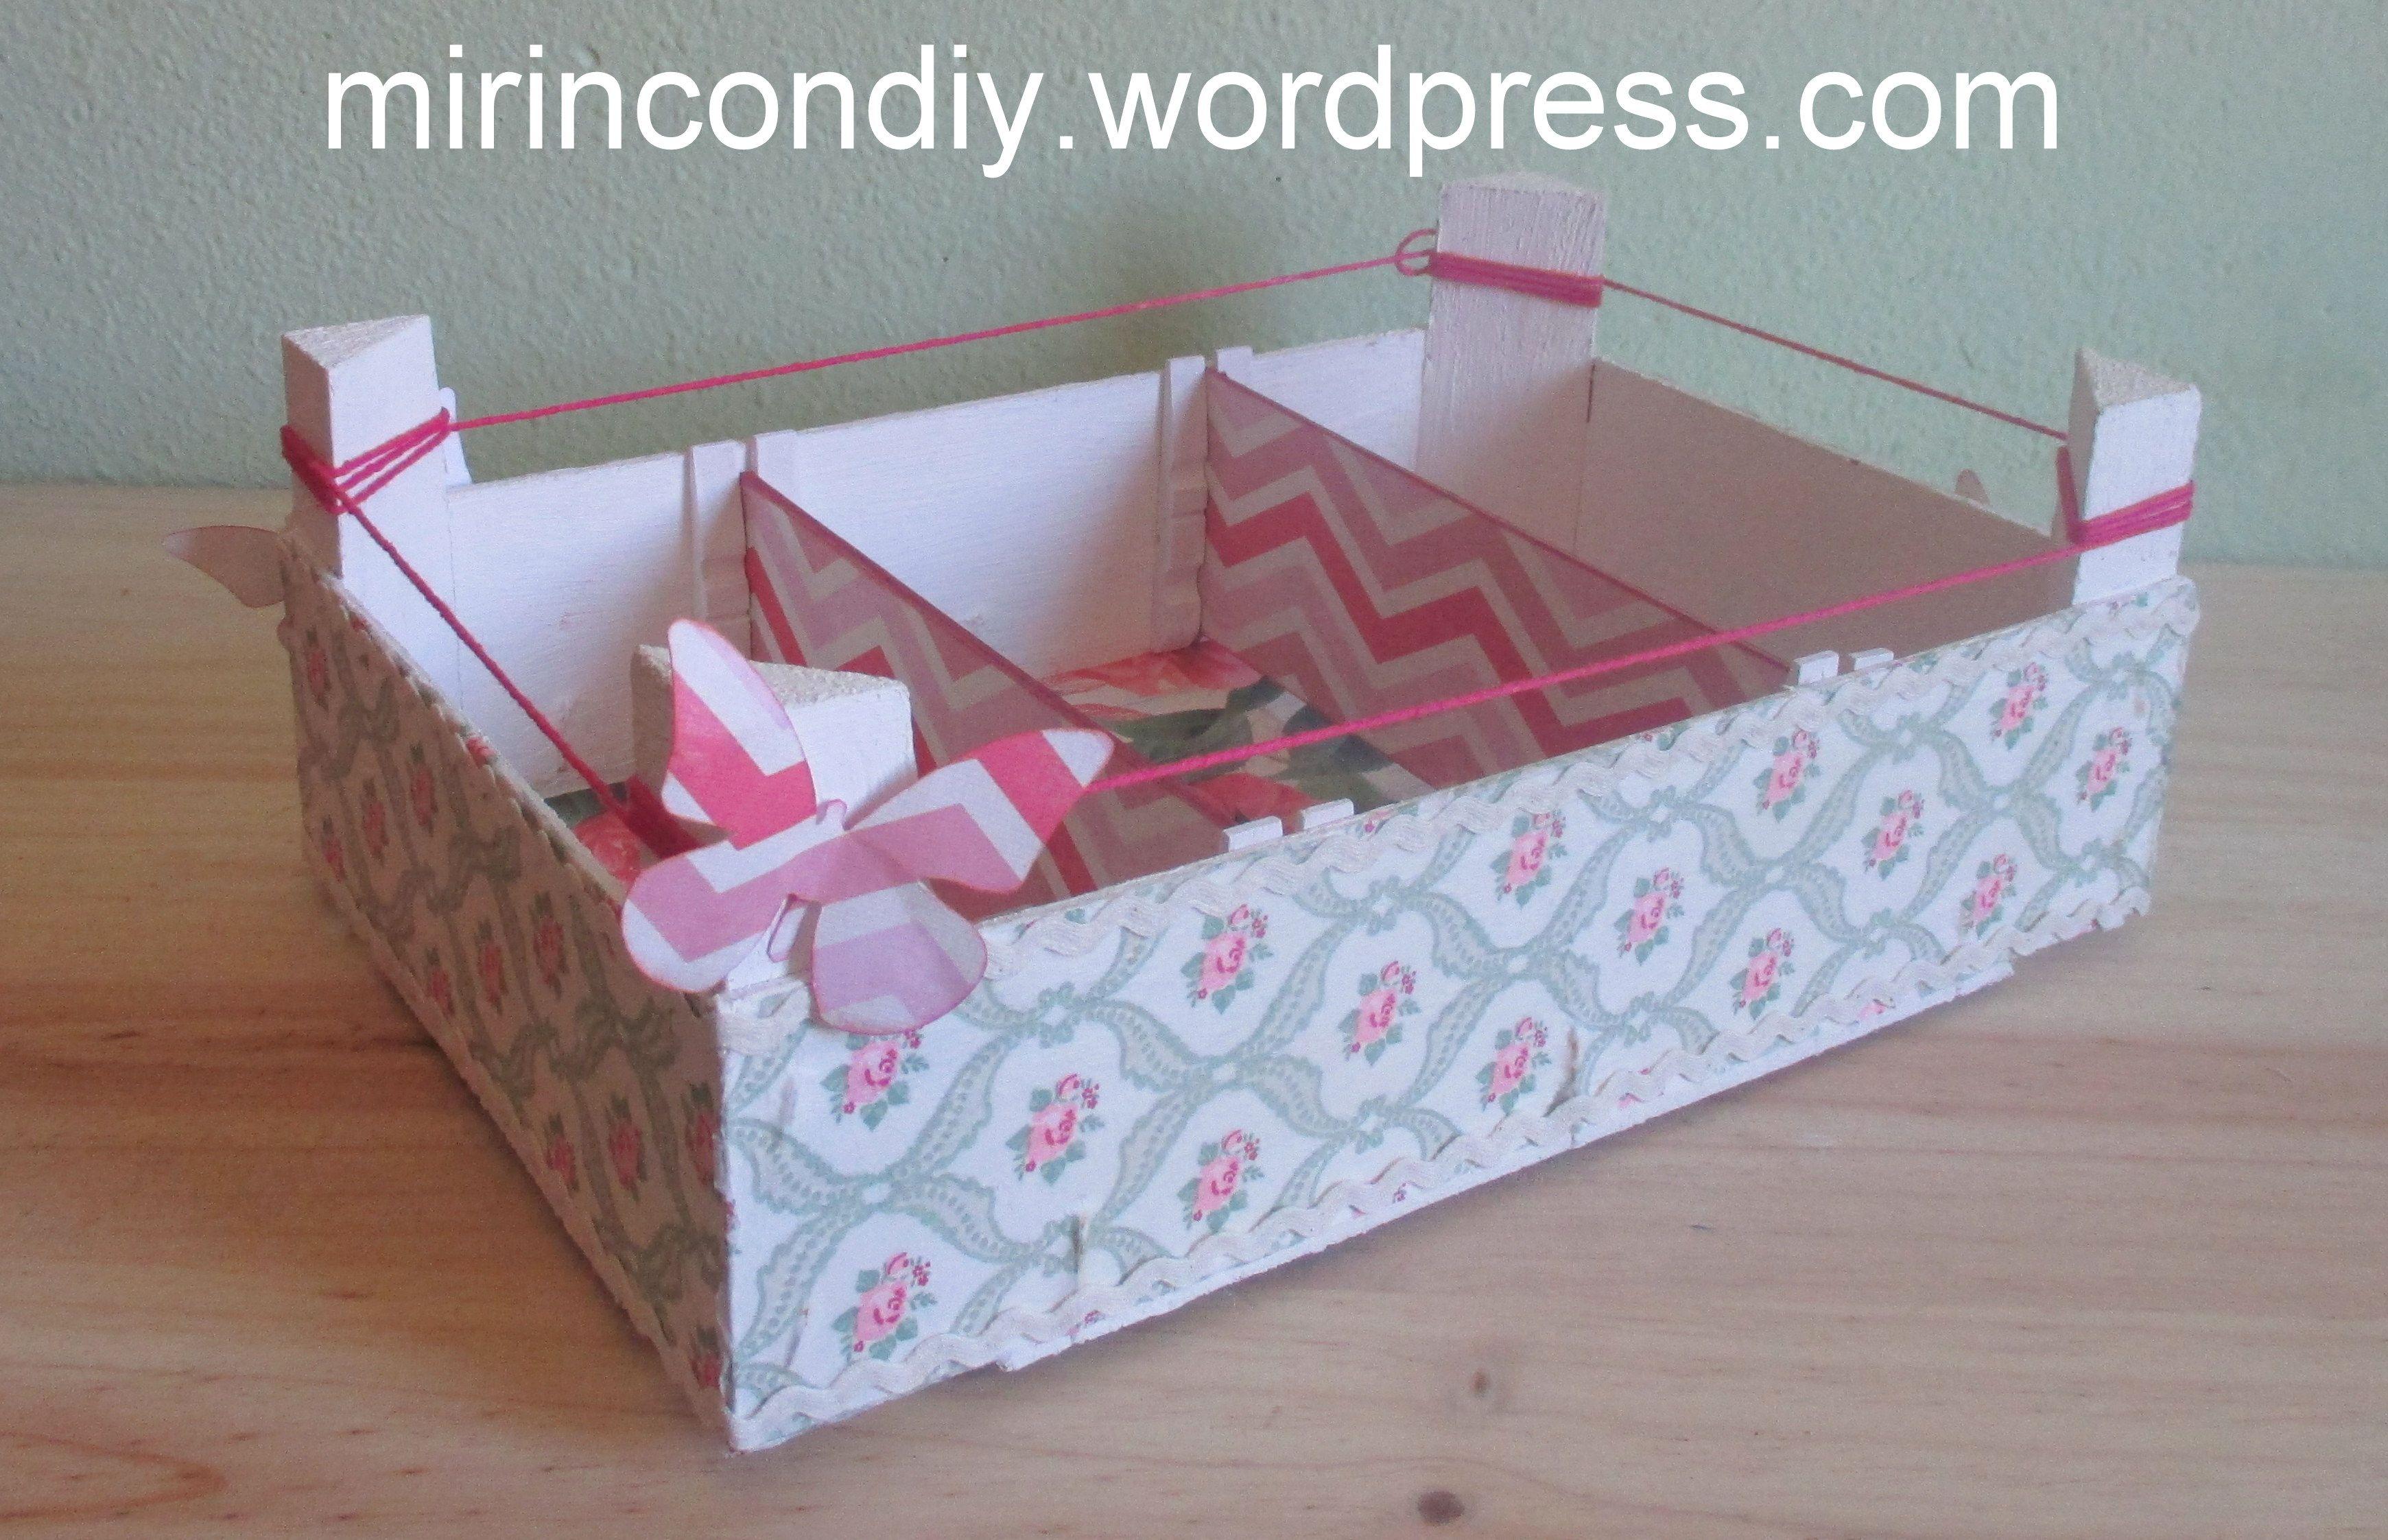 Caja del lidl decorada buscar con google con cajas de fruta pinterest cajas google y - Manualidades cajas decoradas ...